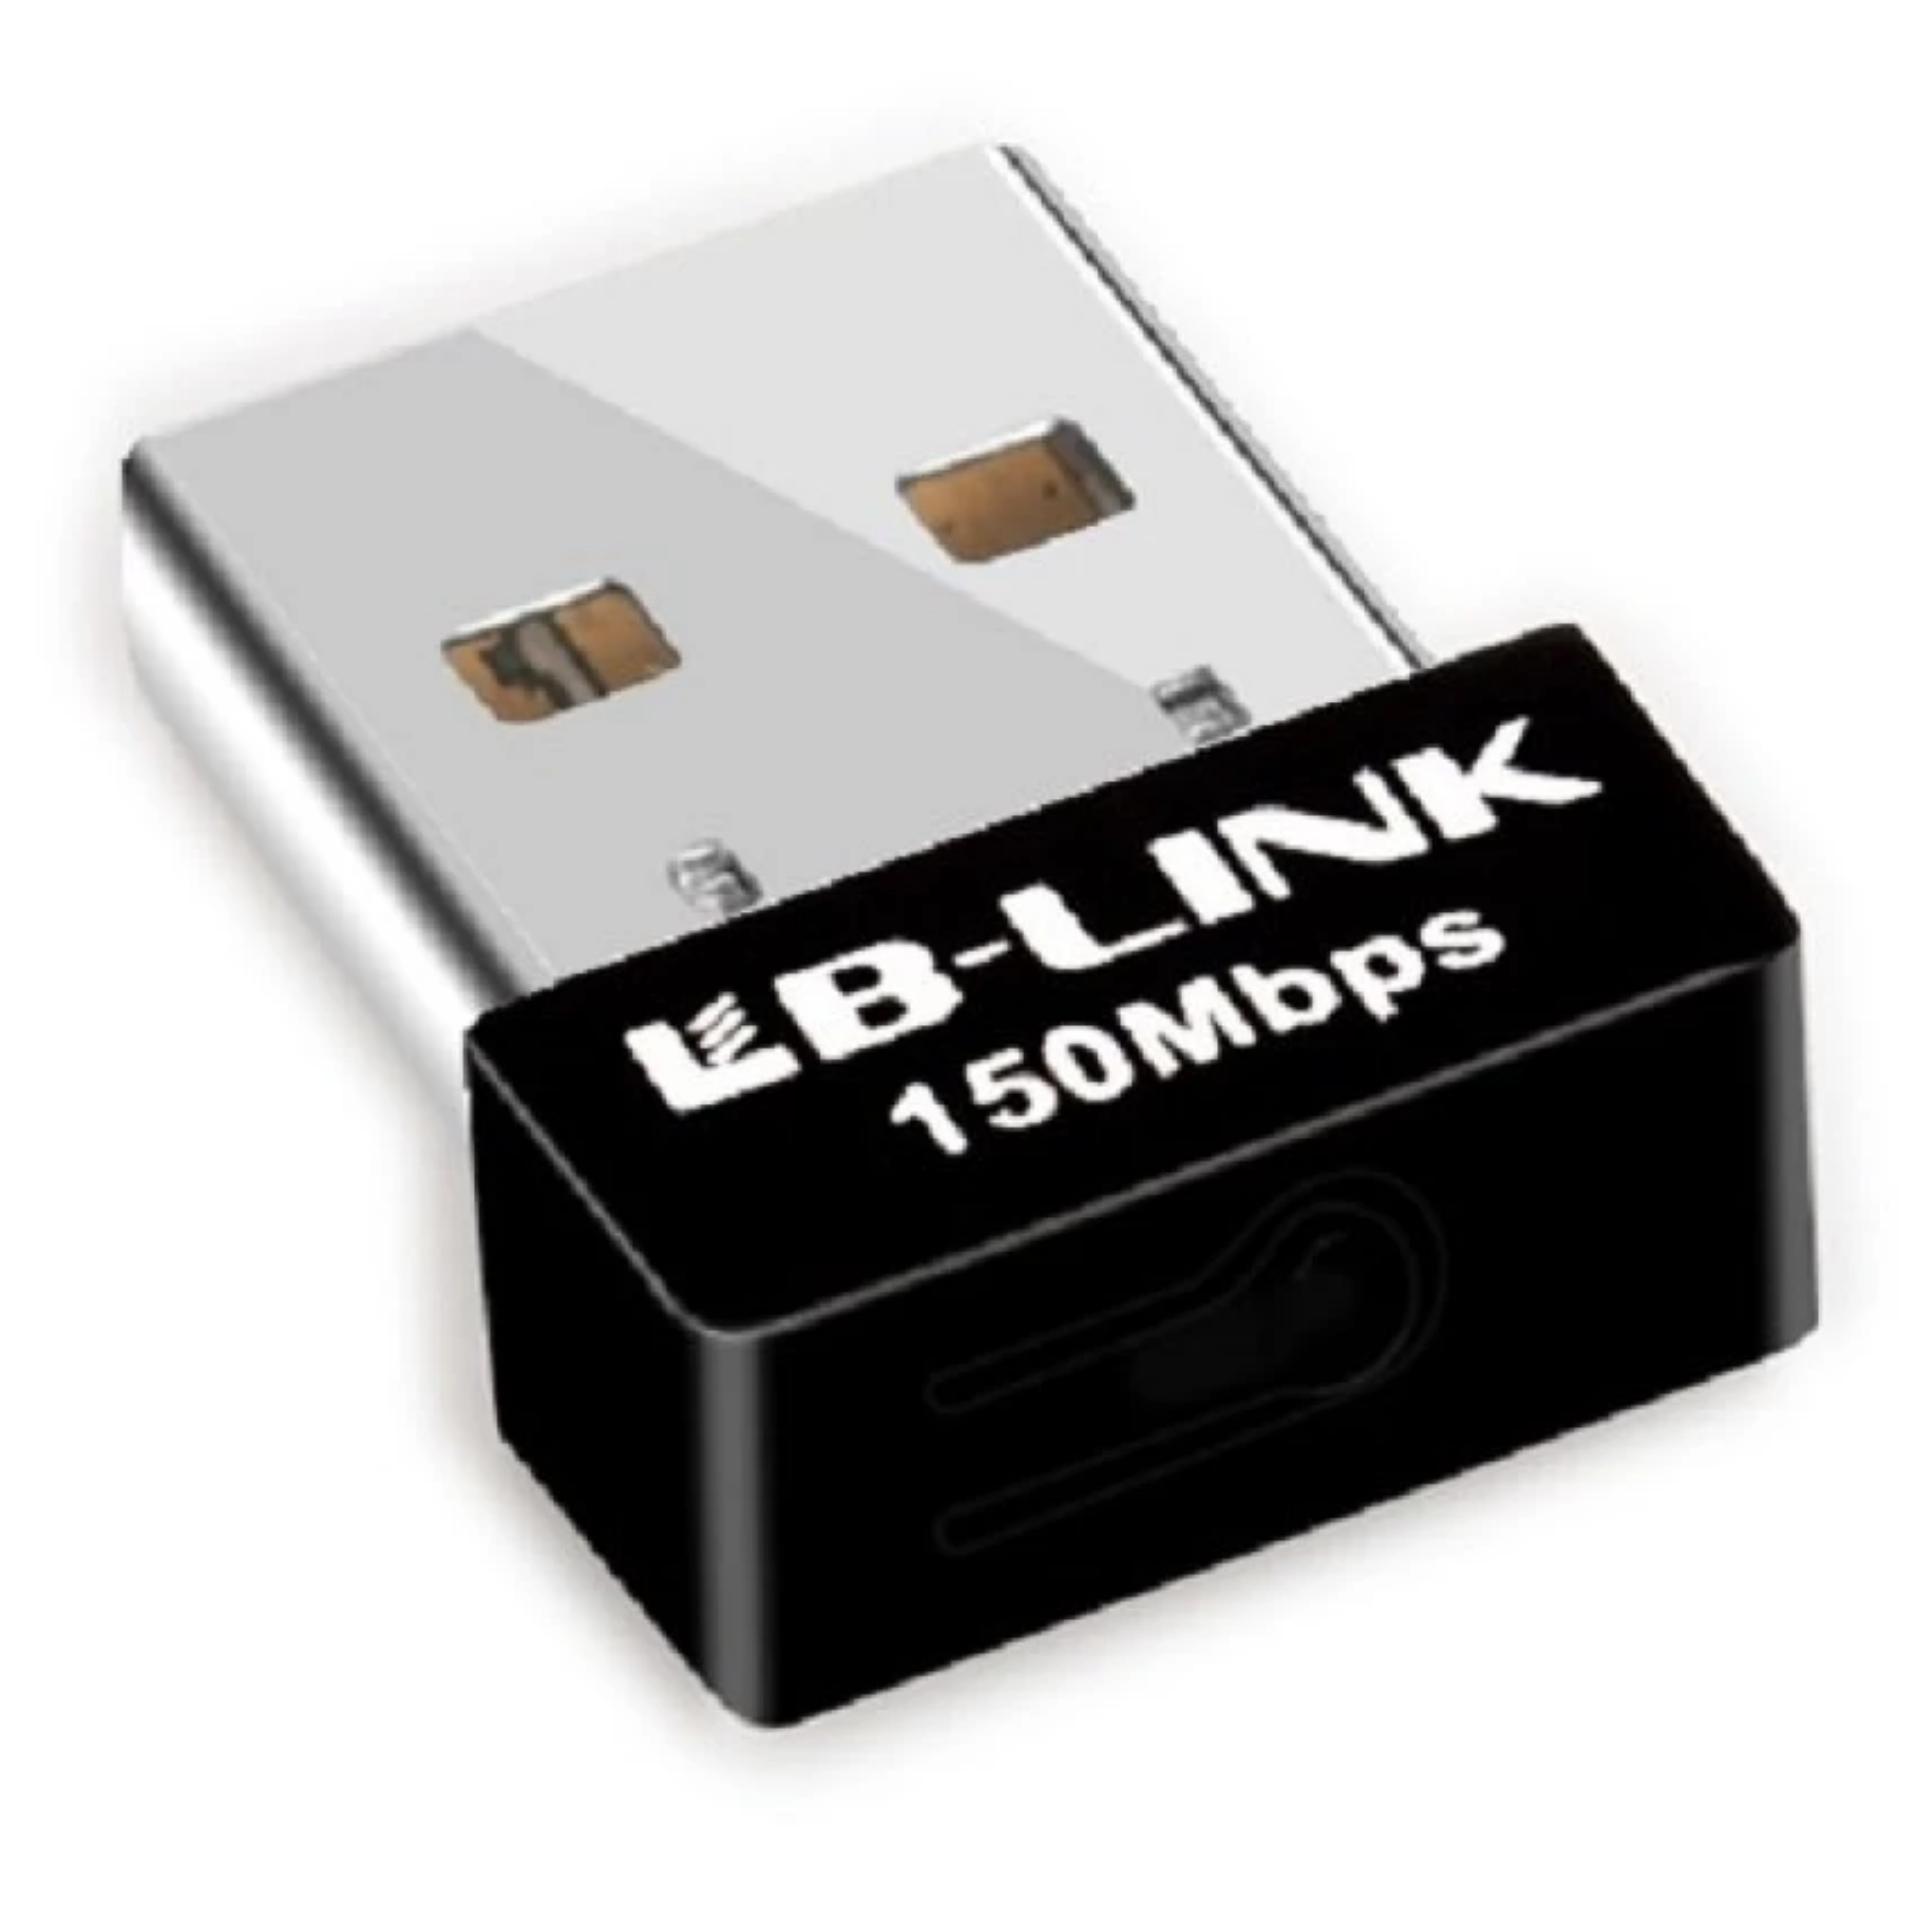 Nên mua Usb thu wifi LB-LINK BL-WN151 -bảo hành hãng 12 tháng ở Bảo Ngọc Store